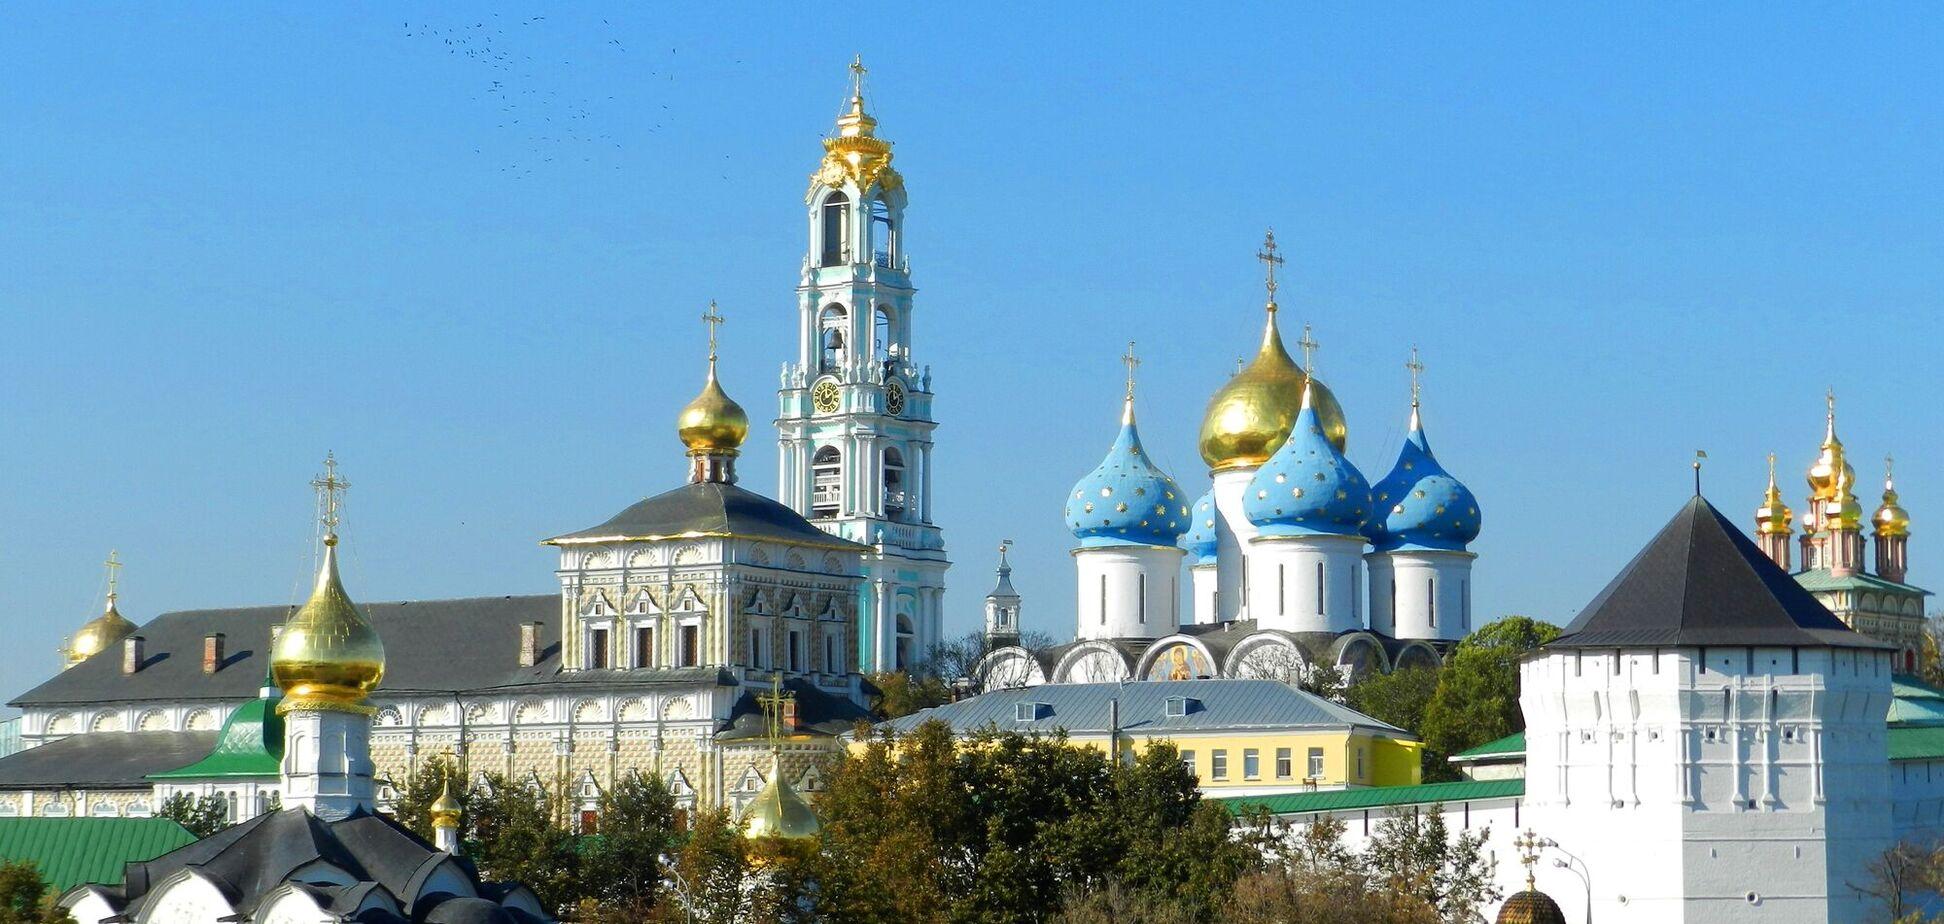 На Троицу украинцы будут отдыхать три дня подряд: 19, 20 и 21 июня